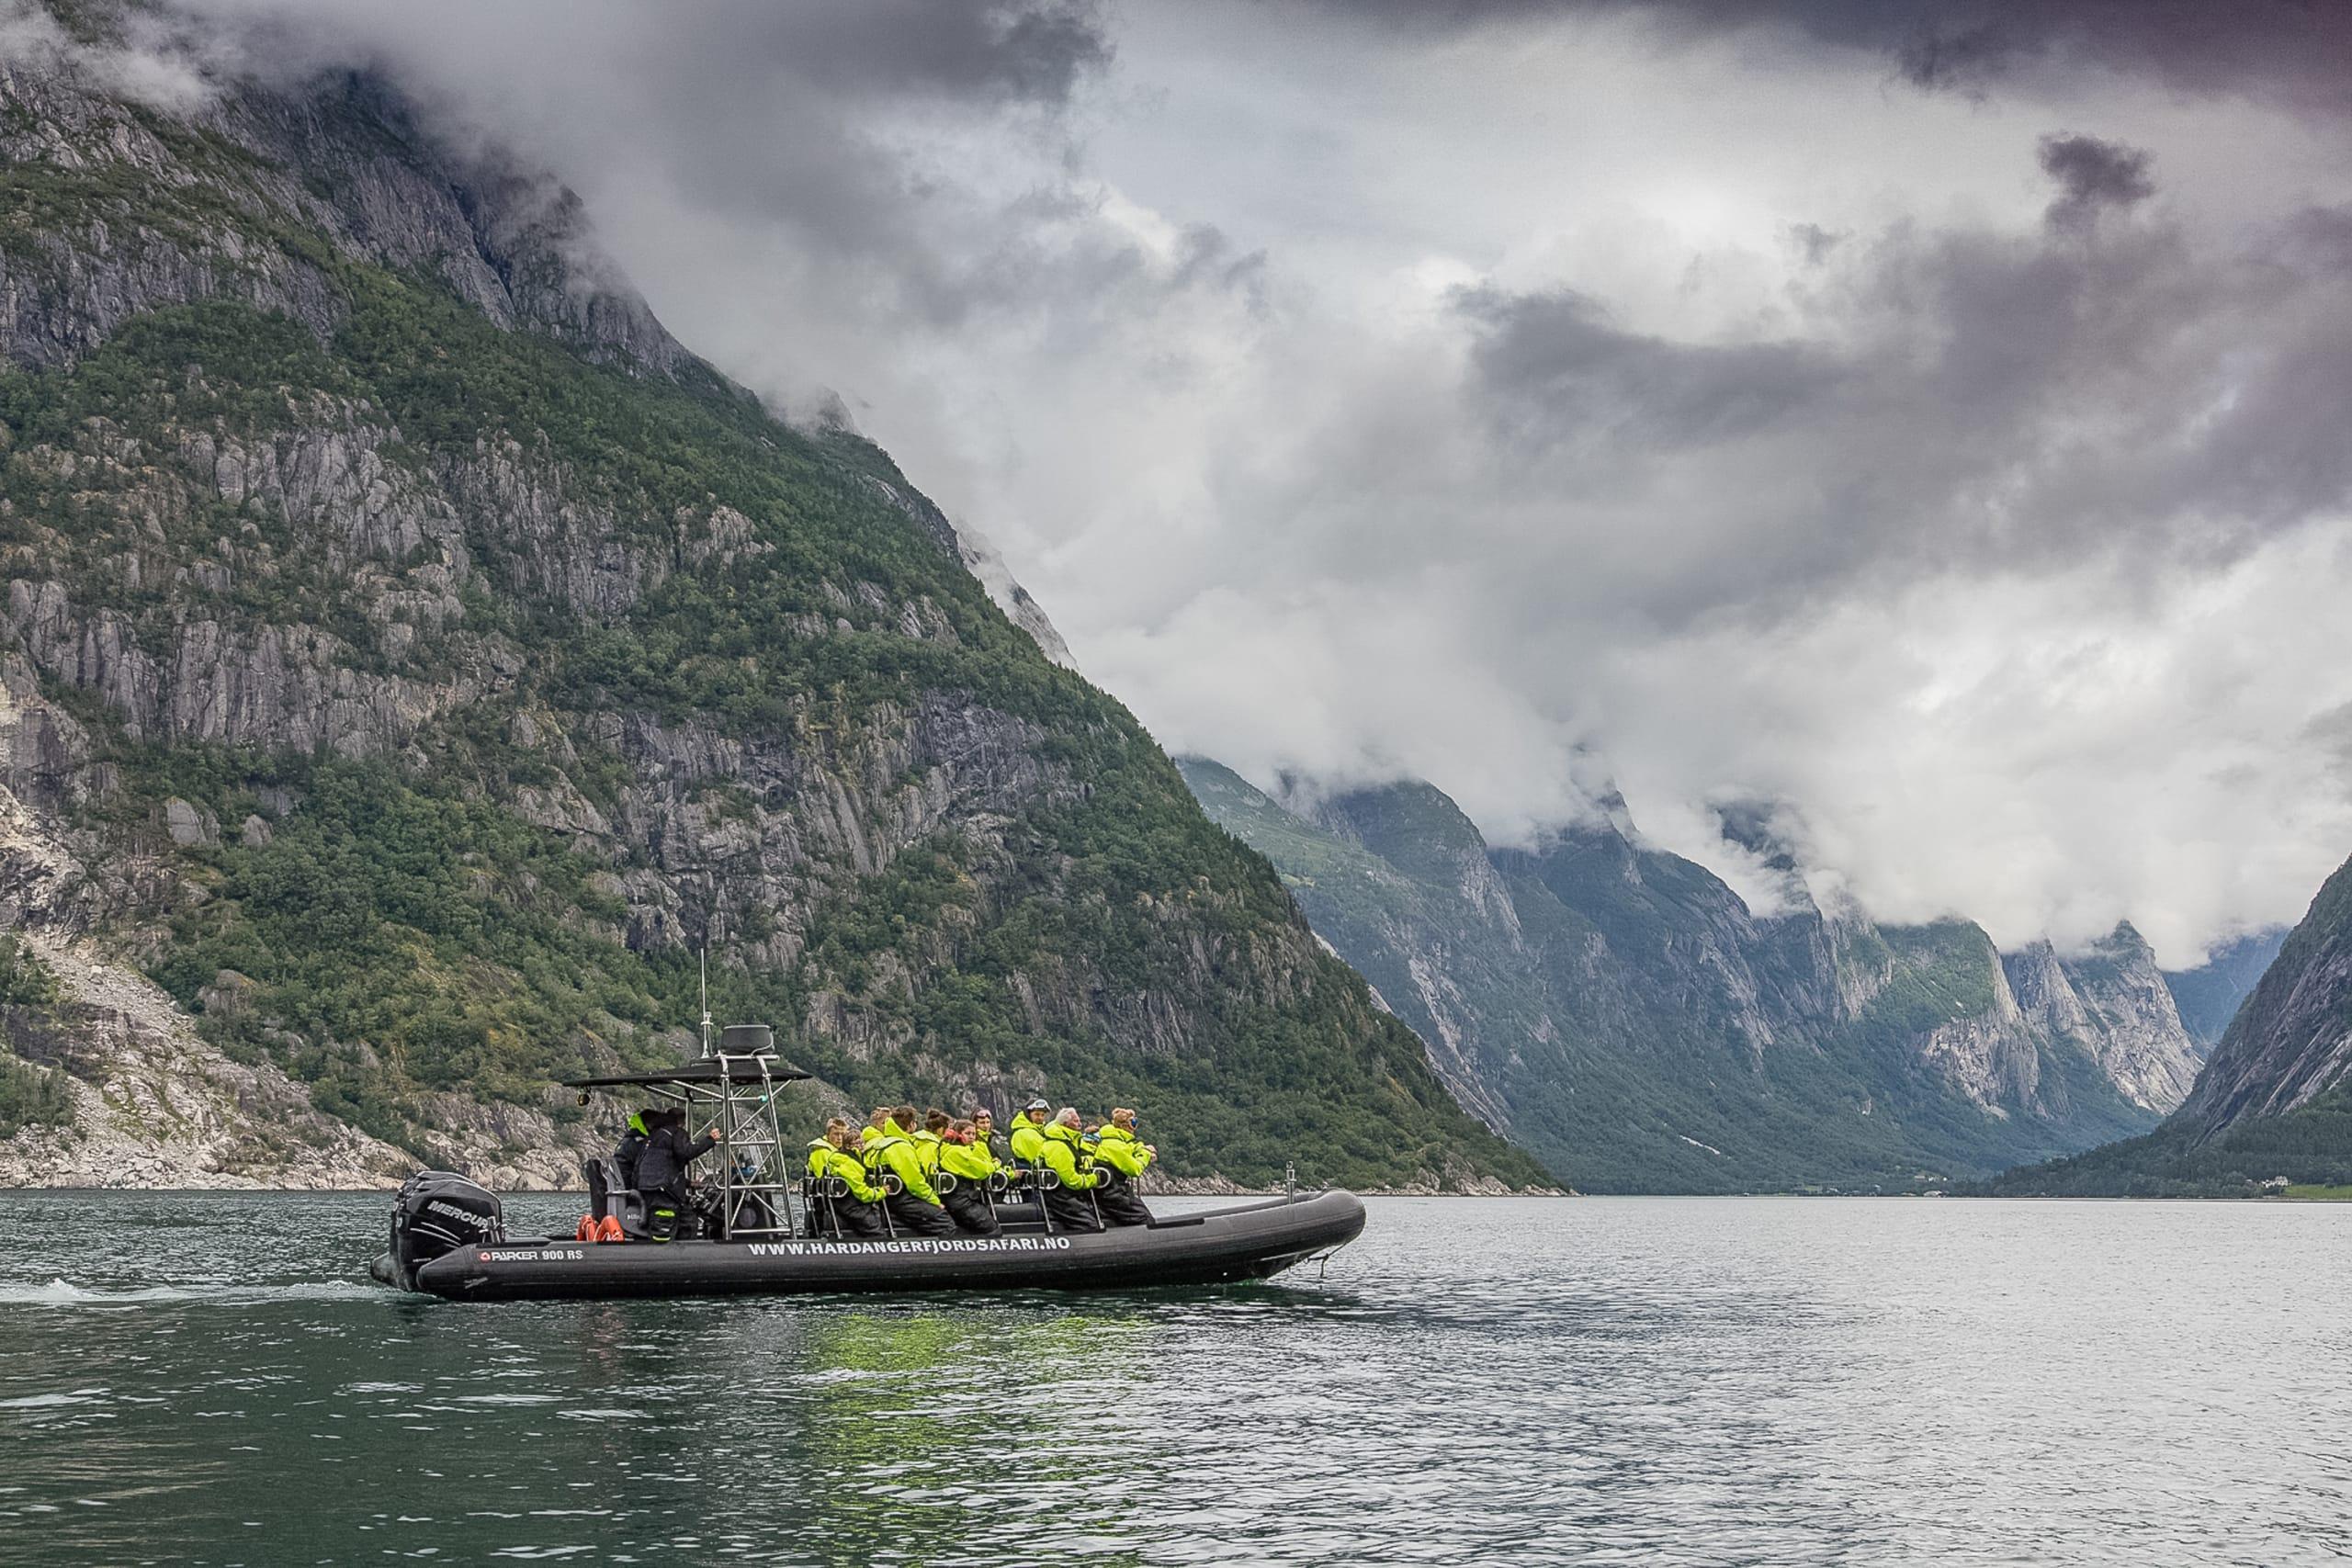 RIB safari on Hardangerfjord